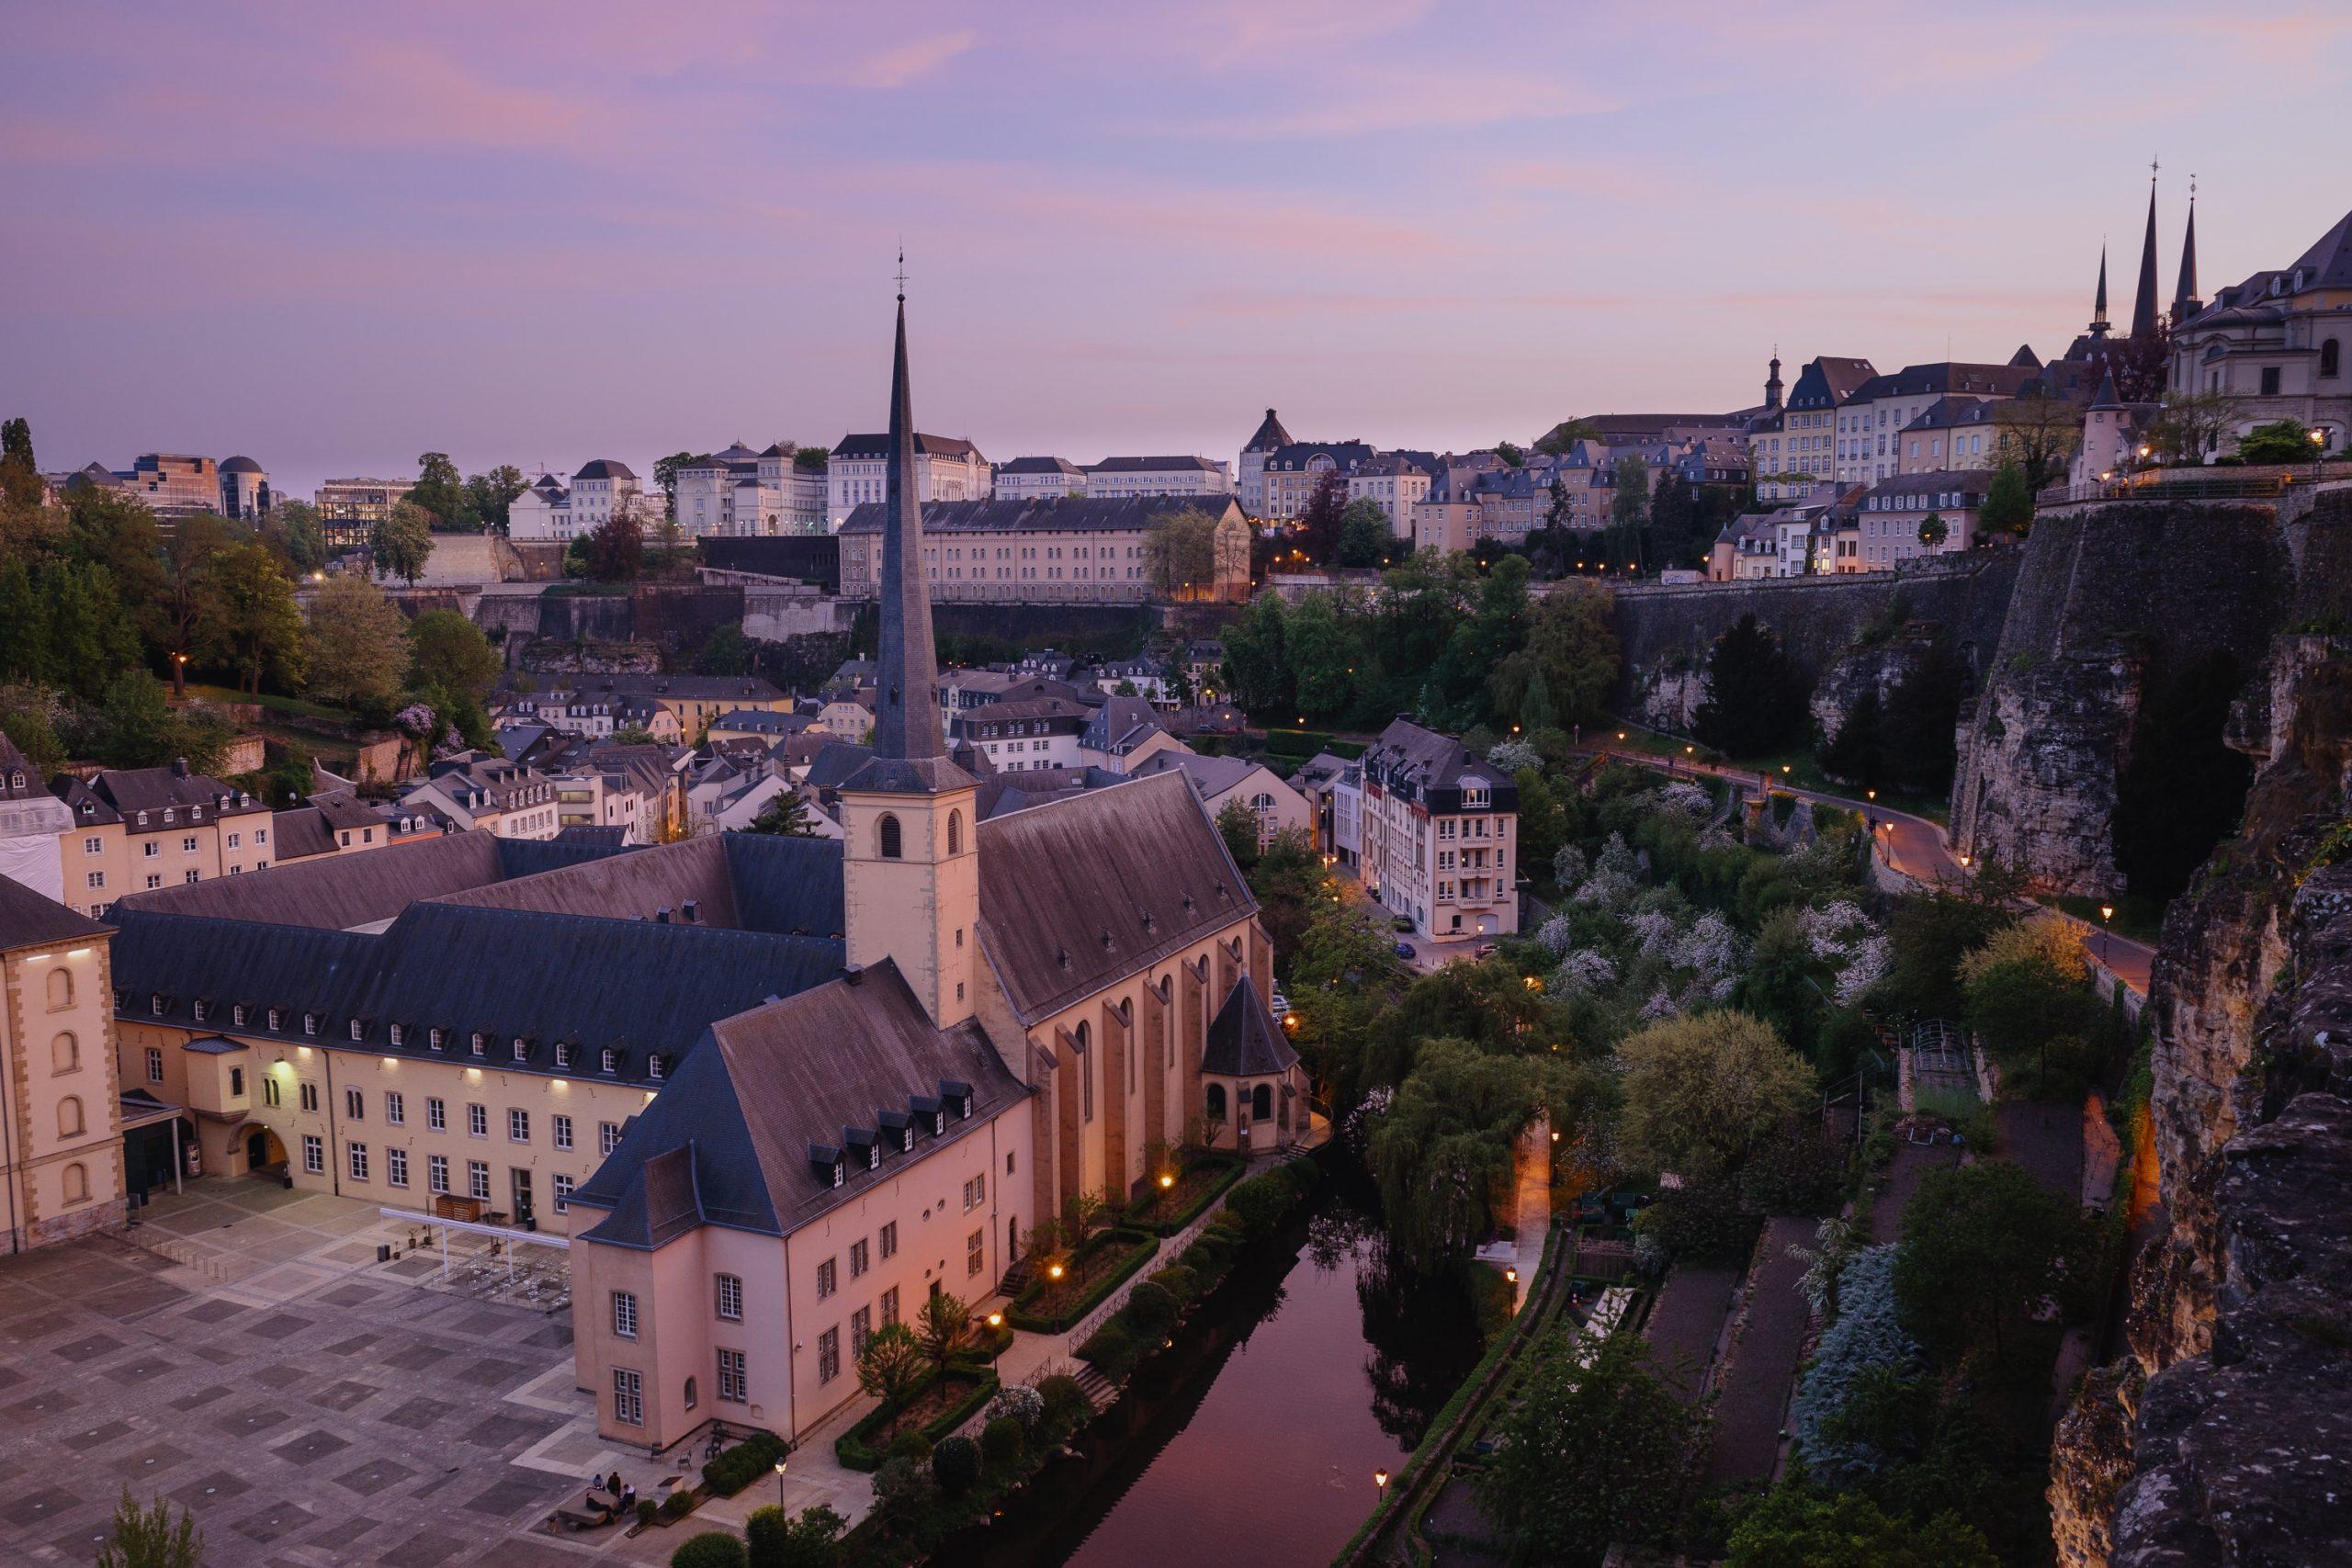 vue de luxembourg, une des capitales des pays du benelux